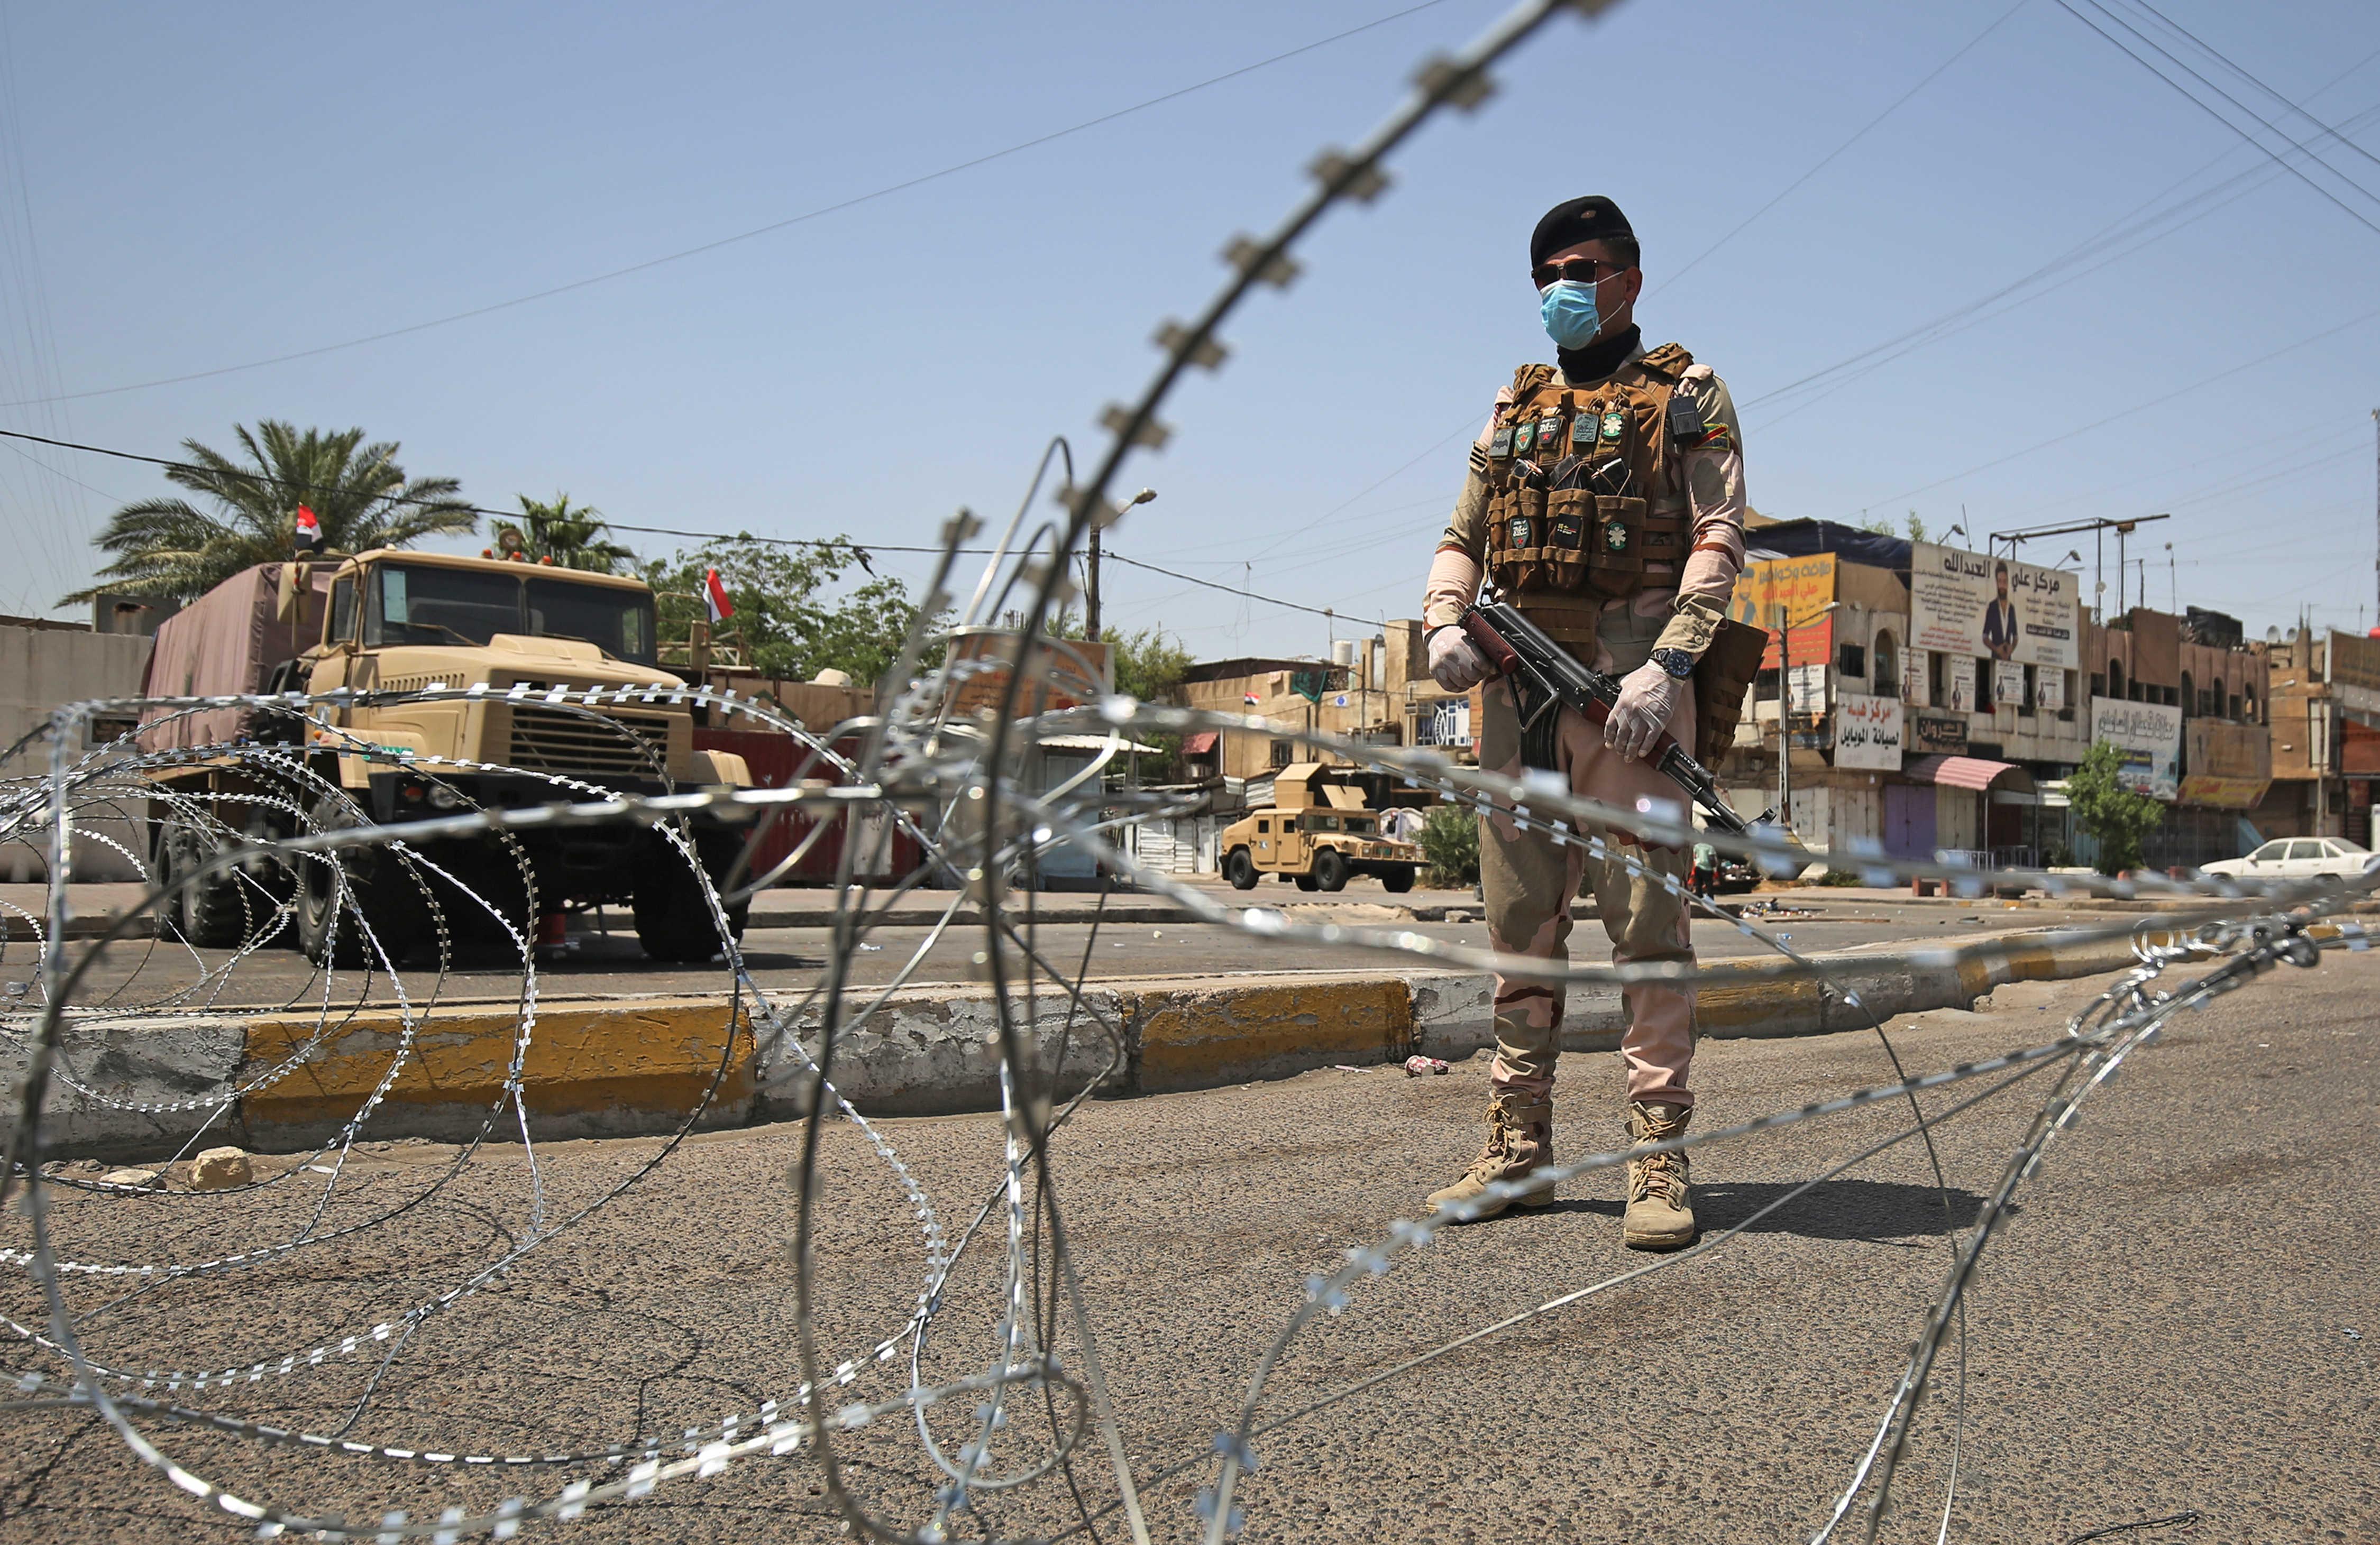 الاستخبارات العراقية تلقي القبض على أحد إرهابي داعش بالأنبار